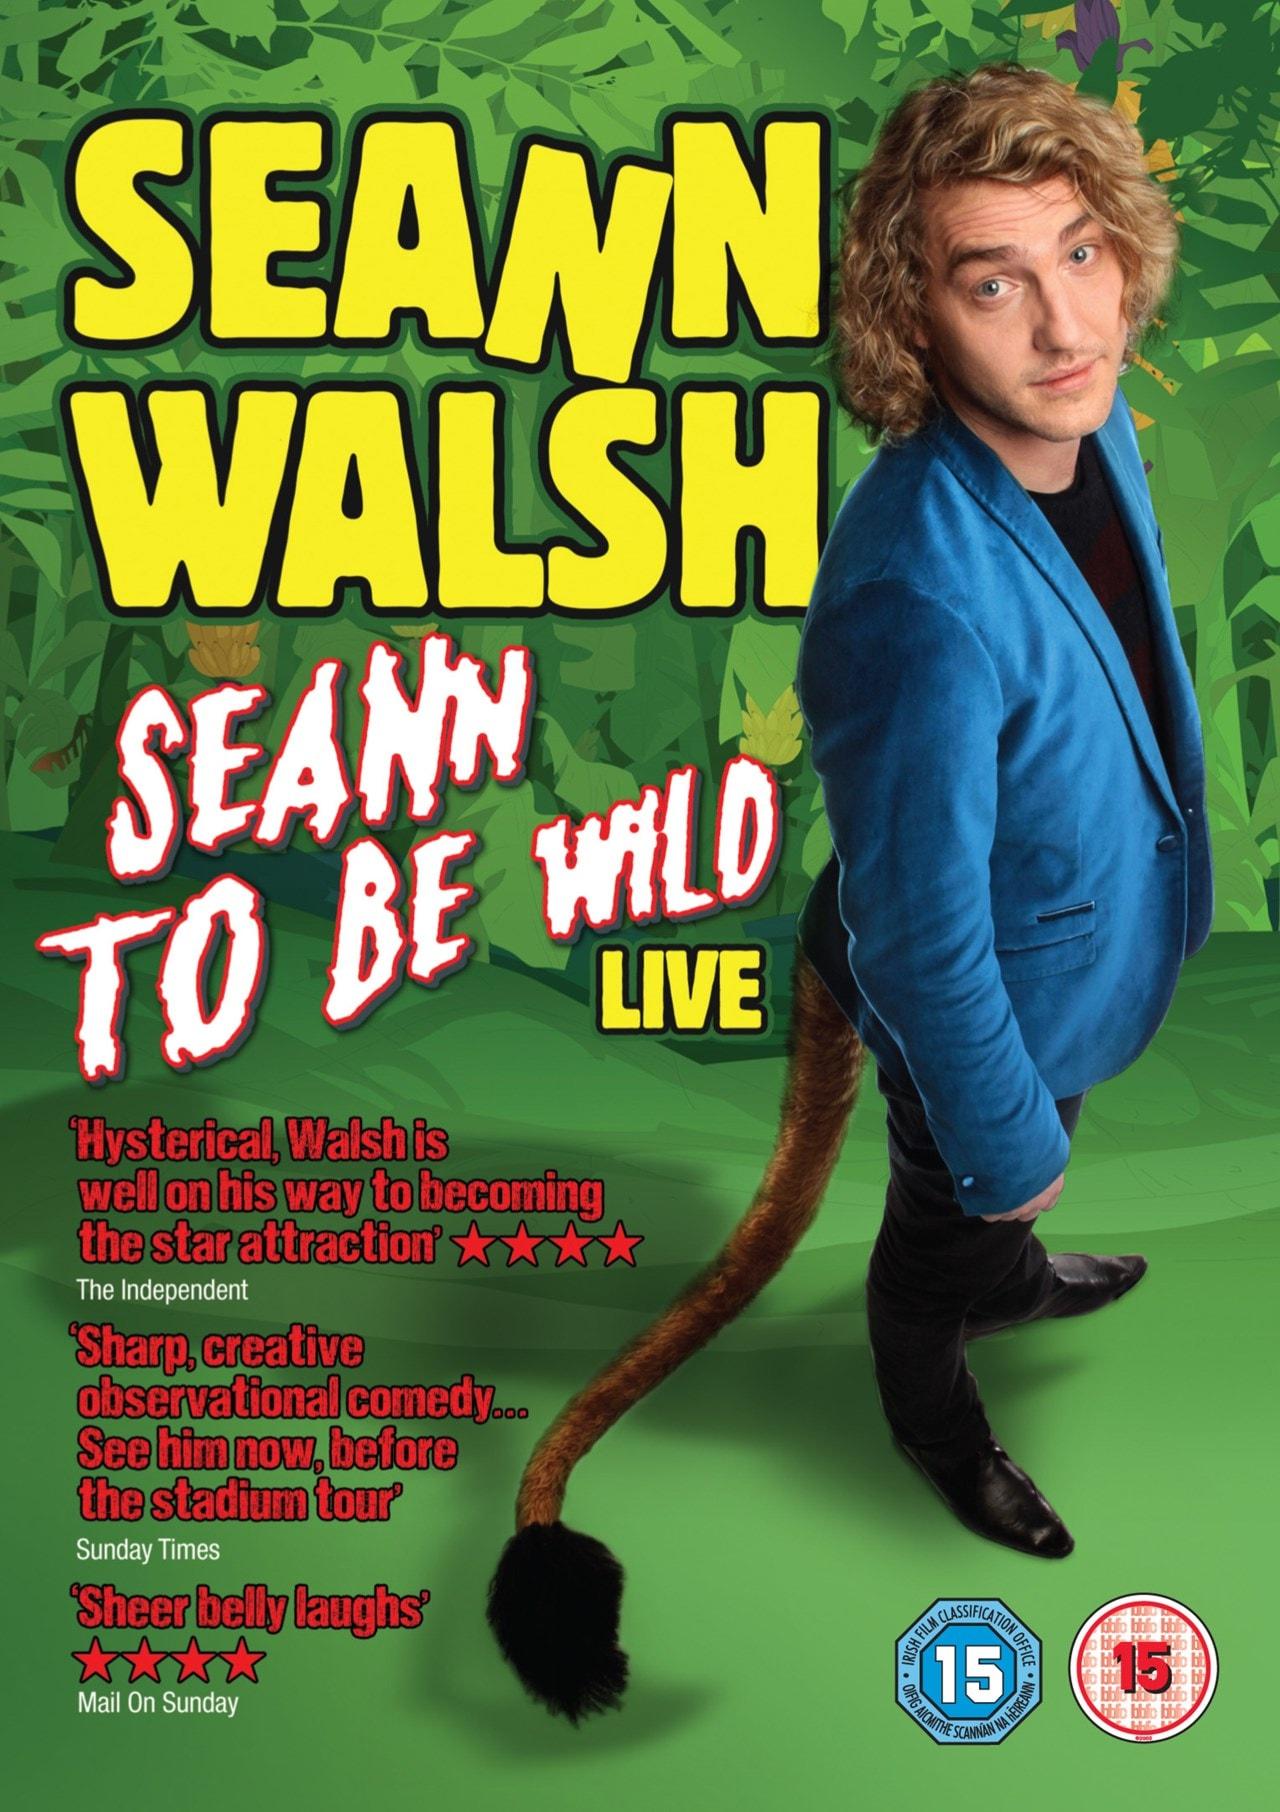 Seann Walsh: Seann to Be Wild - 1